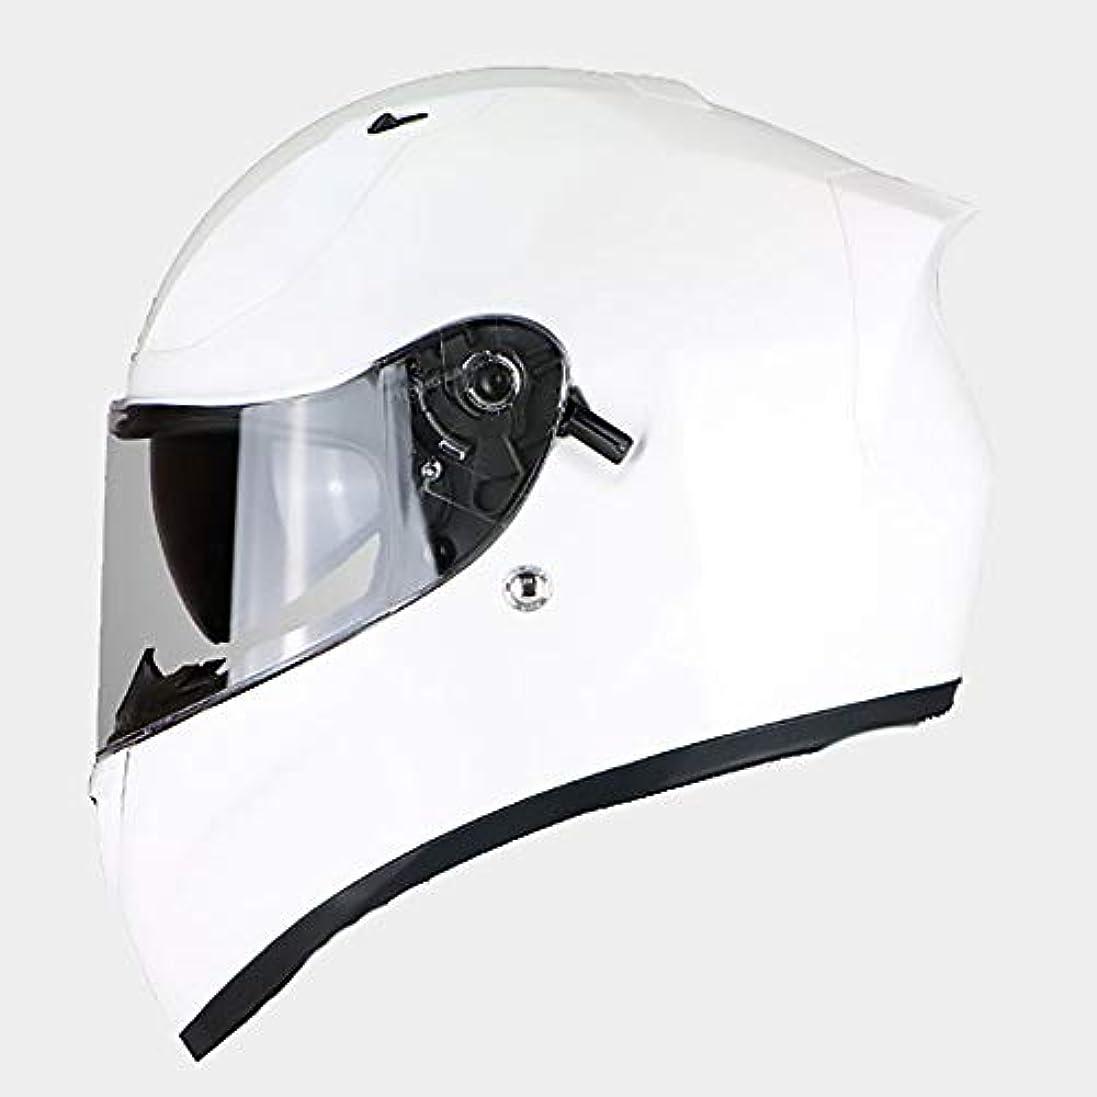 選ぶおいしい残忍なTOMSSL高品質 ソリッドカラーブラック/ホワイト大人自転車ヘルメット乗馬電気自動車オートバイヘルメット自転車マウンテンバイクヘルメット屋外乗馬機器 TOMSSL高品質 (色 : White, Size : XXXL)